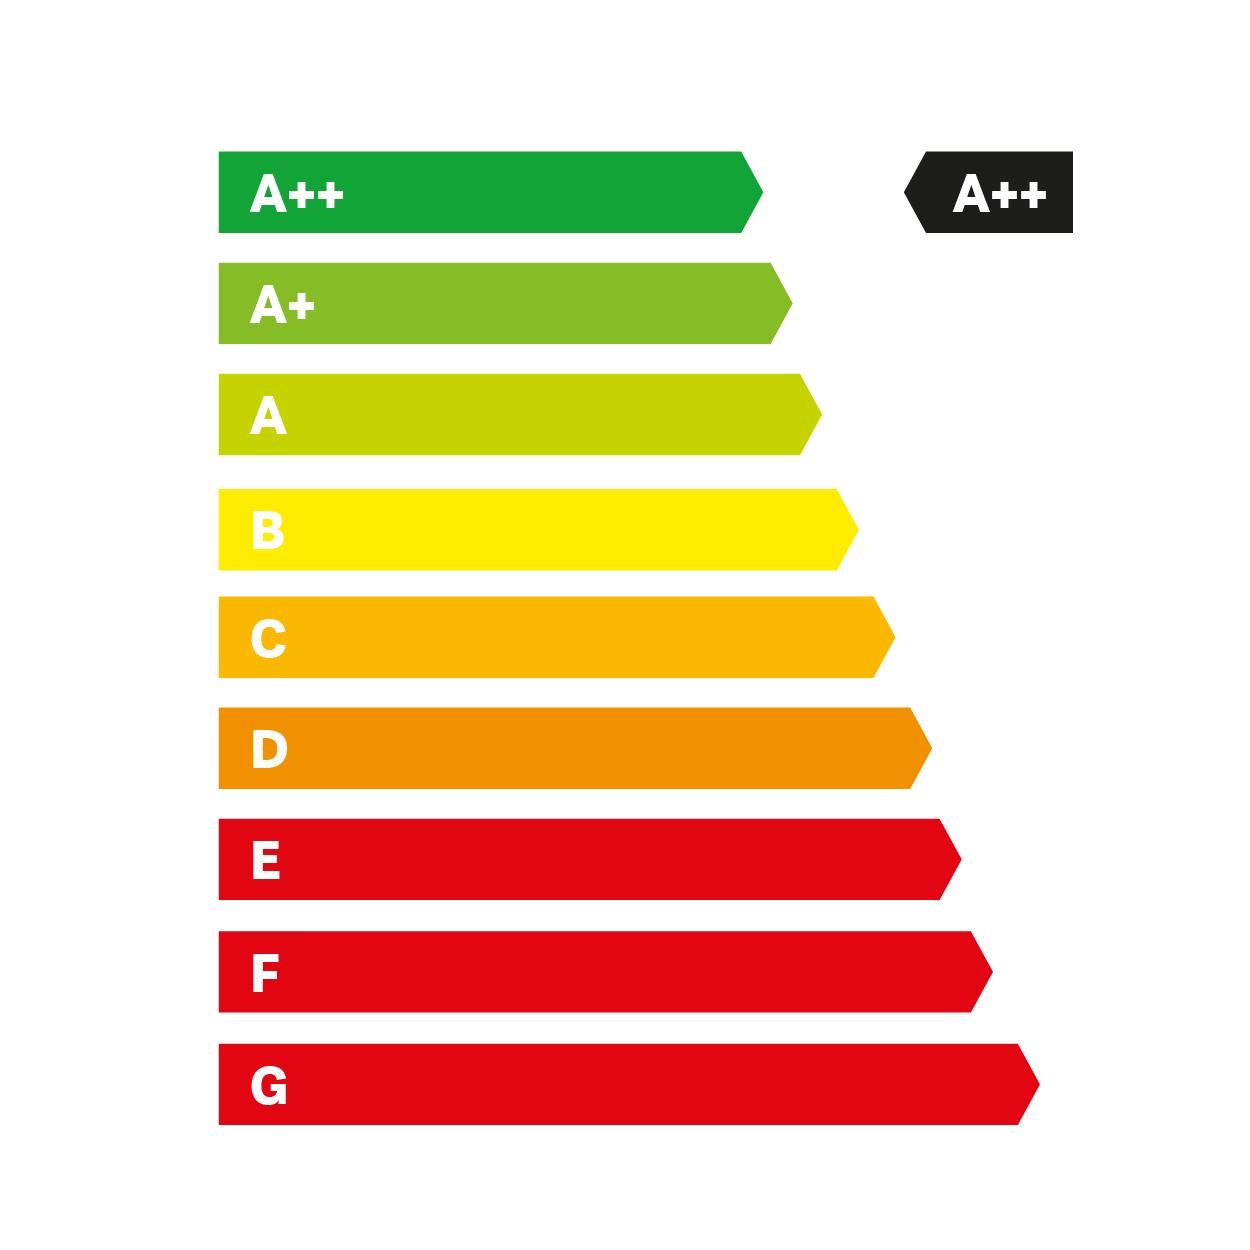 Mullistavan tehokas - System M on lämmitysjärjestelmä, joka ei vaadi kompromisseja mukavuuden ja tehokkuuden välillä. Se toimii itsenäisesti ja samalla säästeliäästi.Ensinnäkin toisin kuin öljy- tai kaasulämmittimet, ainoastaan System M -järjestelmän kaltaiset lämpöpumput saavuttavat yksittäisille lämmönkehittimille myönnettävän energiamerkinnän luokan A++.Toiseksi, System M -lämmitysjärjestelmään on integroitu niin paljon toimintoja ja liitäntämahdollisuuksia, että se saavuttaa puhtaasti yhdistelmälämmittien energiamerkinnän parhaat arvot.Kolmanneksi, System M sisältää älykkäimmän tällä hetkellä saatavilla olevan säätötekniikan. Se selvittää jatkuvasti enintään kymmenelle eri huoneen toivelämpötilalle alimman mahdollisen menovesilämpötilan. Tämä tarkoittaa, että riippumatta siitä, miten voimakkaasti lämmität, tai miten kuumassa kylvet System M toimii automaattisesti niin säästäväisesti kuin mahdollista.